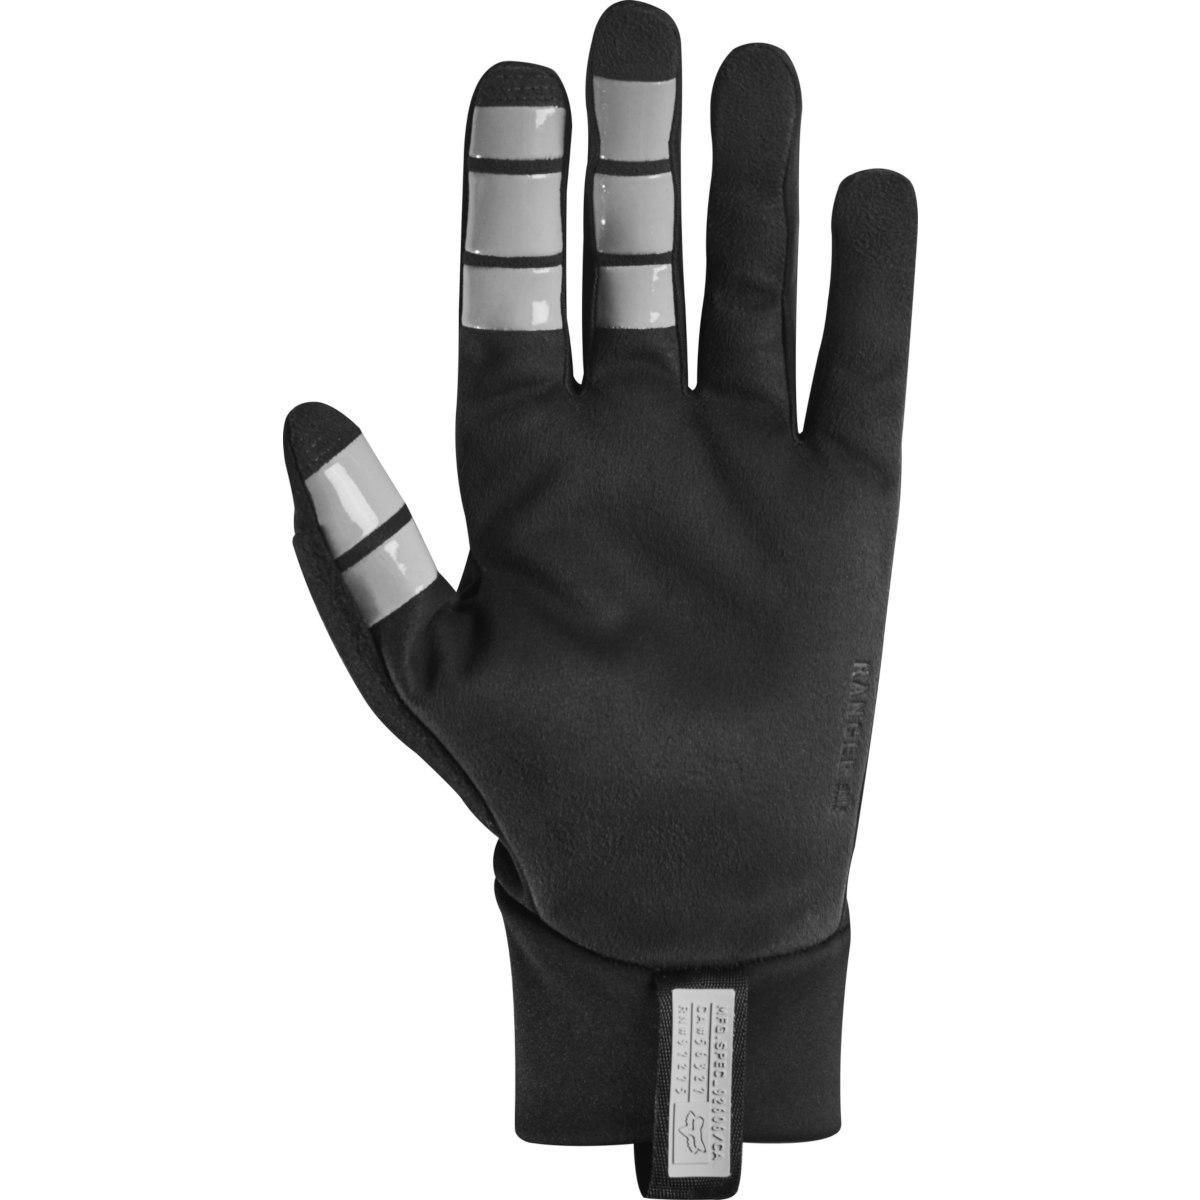 Image of FOX Ranger Fire MTB Full Finger Gloves - black